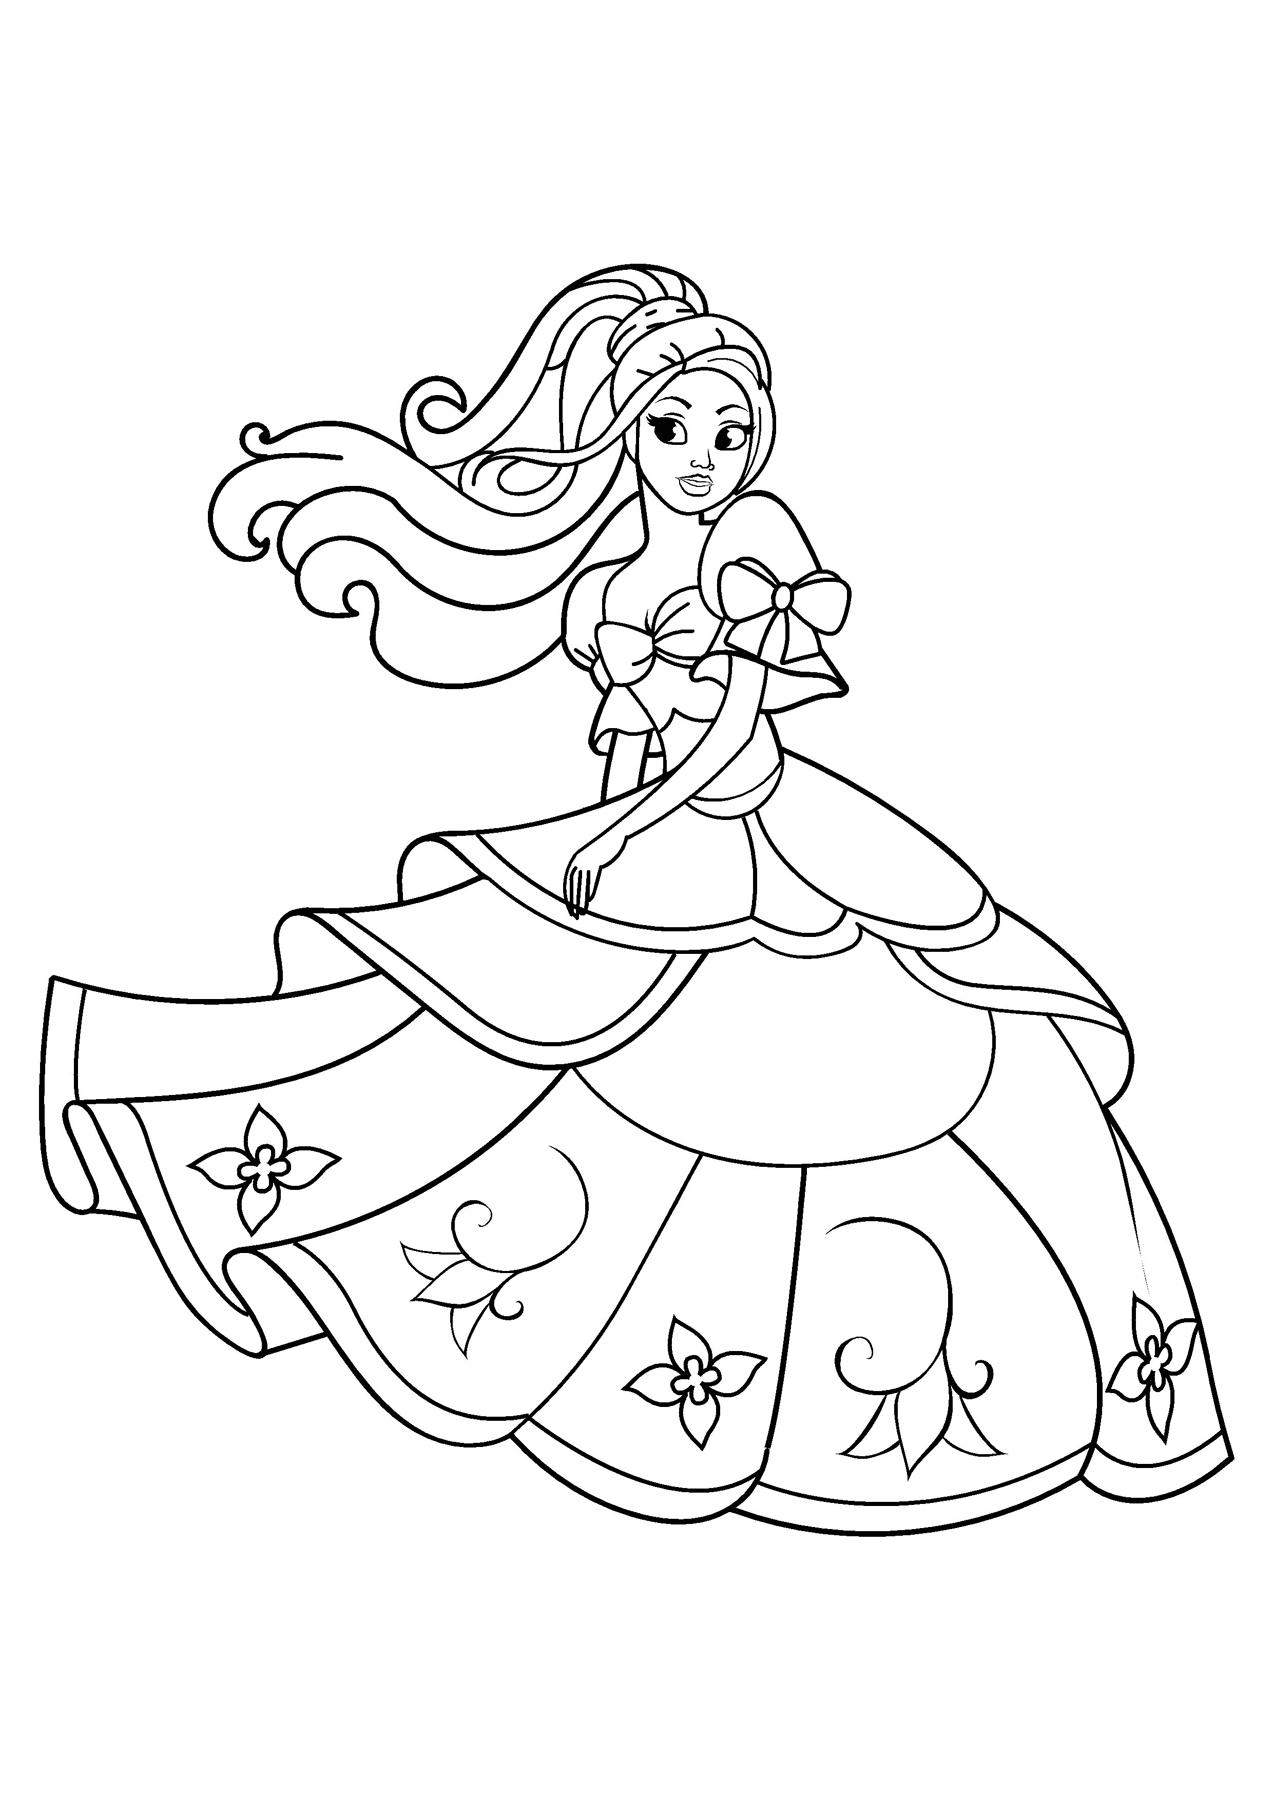 Принцесса в пышном платье с цветами - razukrashki.com